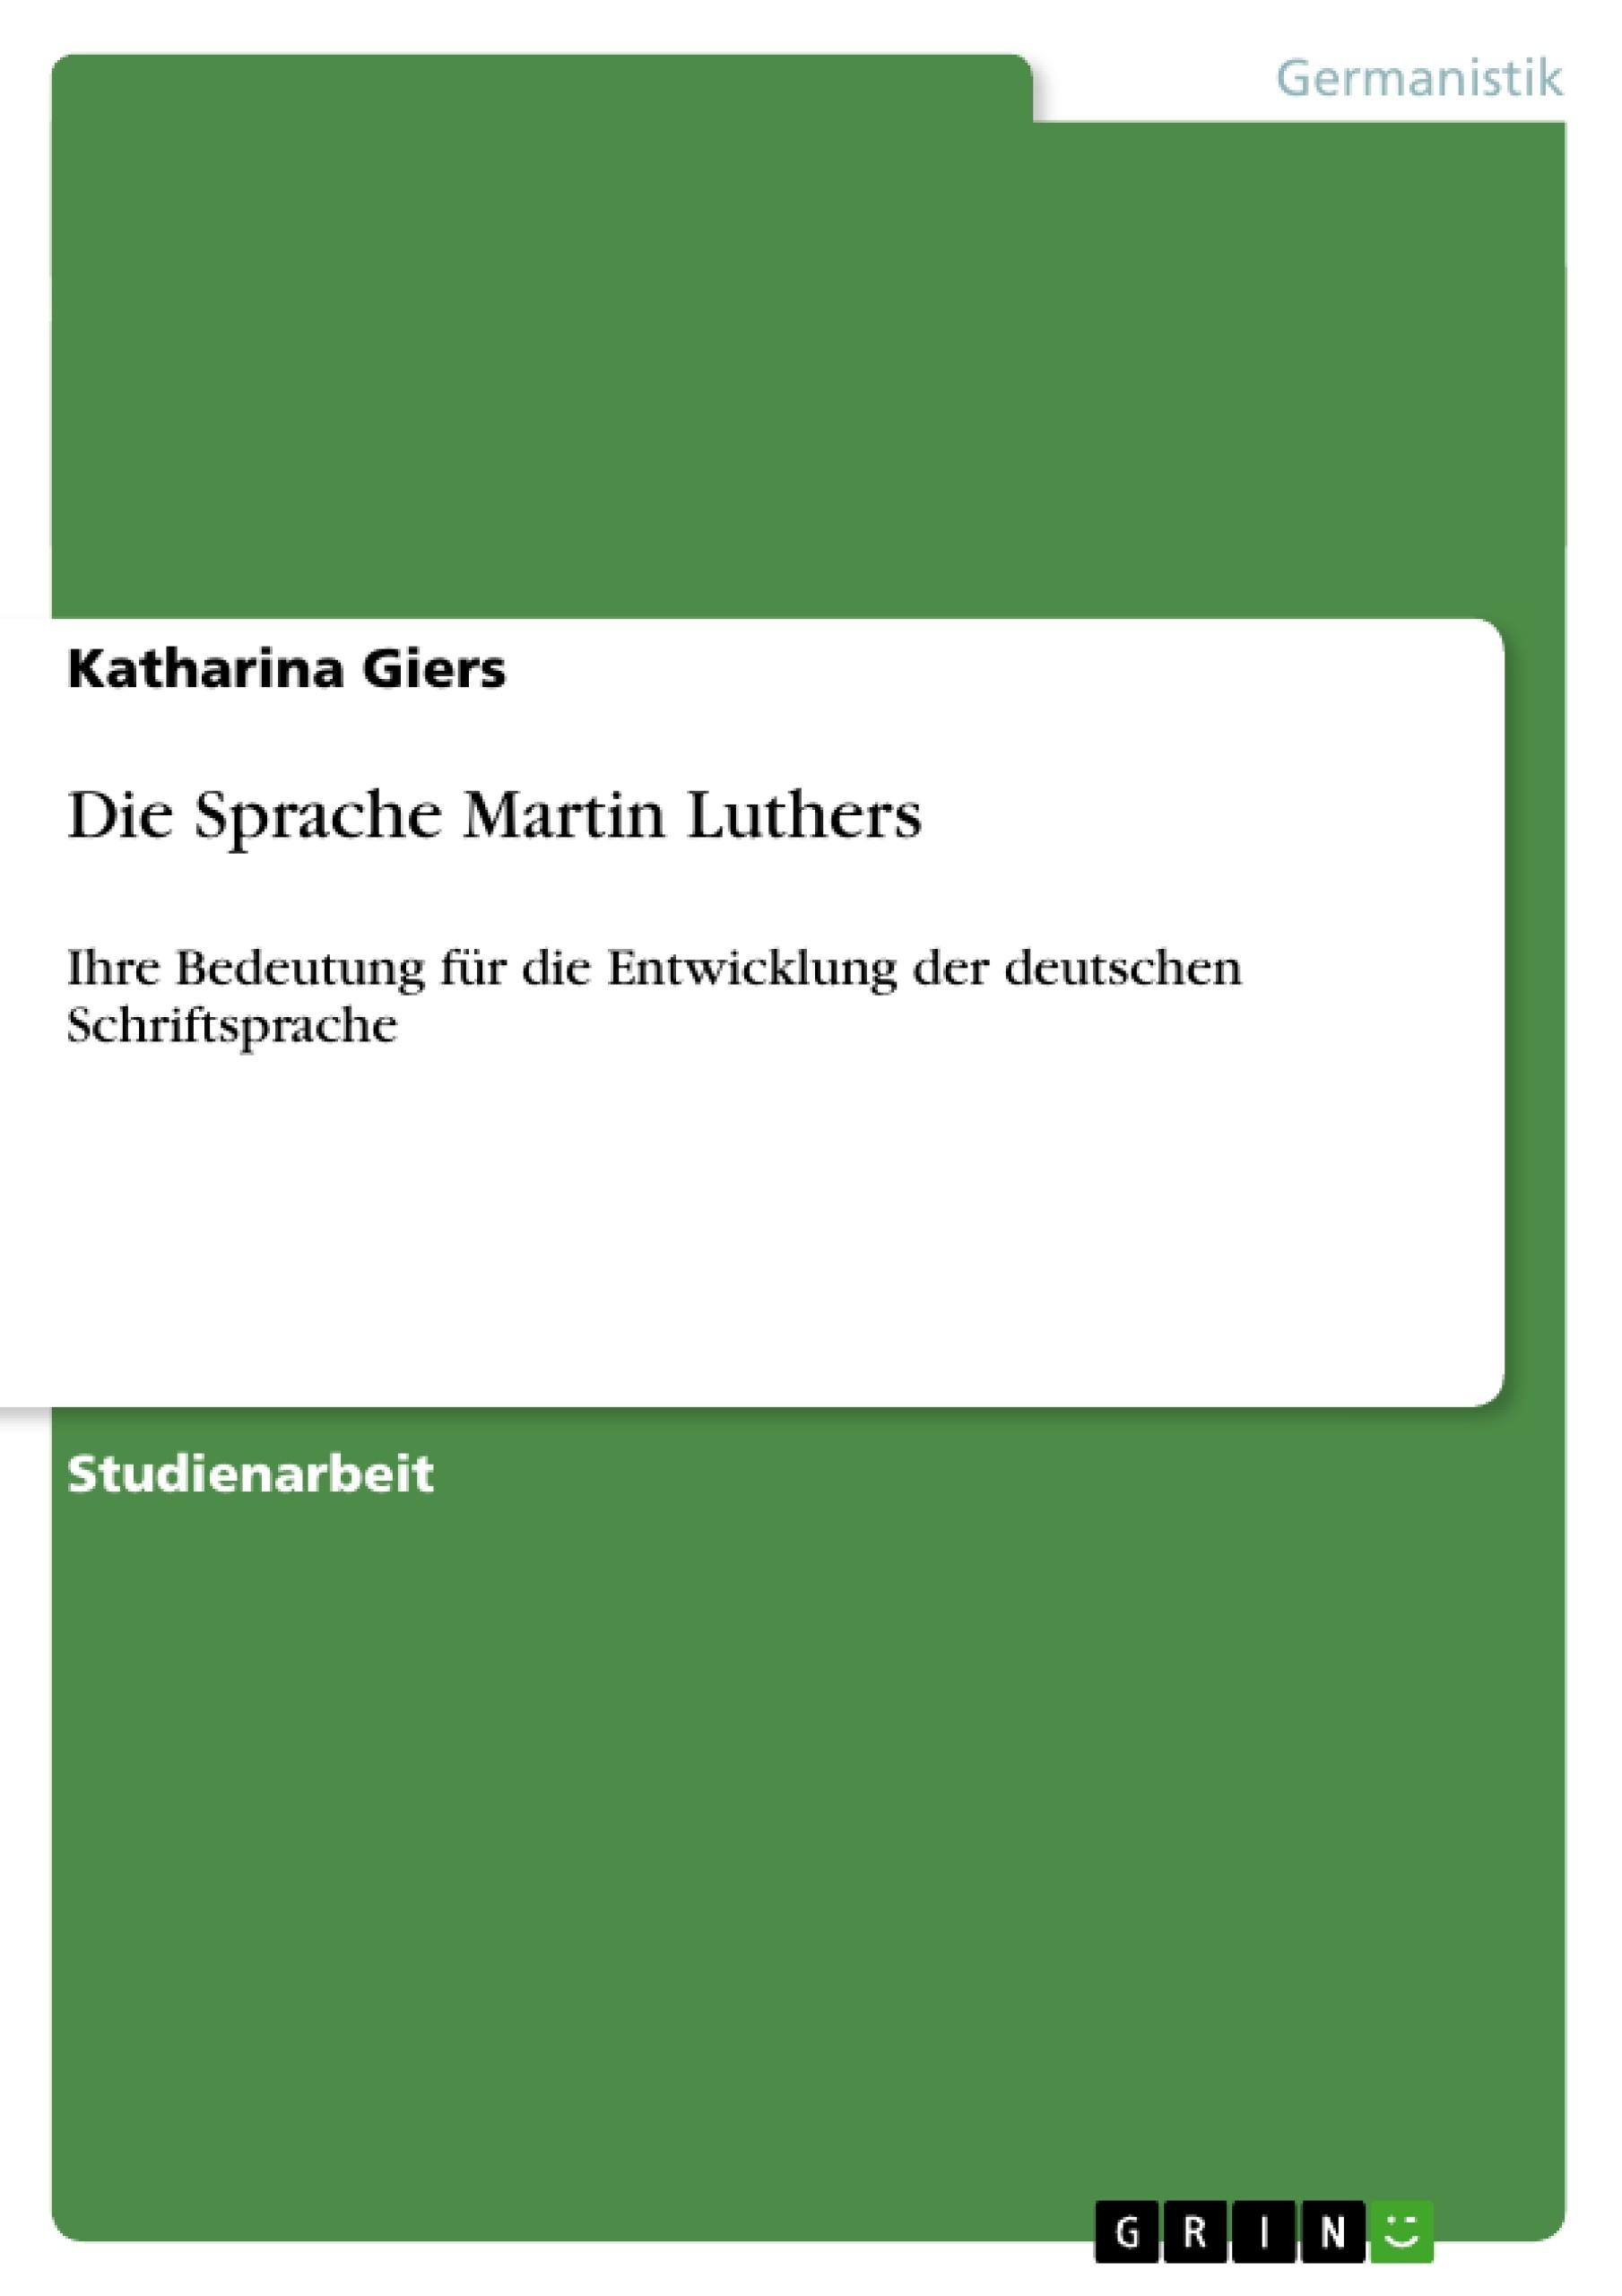 Titel: Die Sprache Martin Luthers